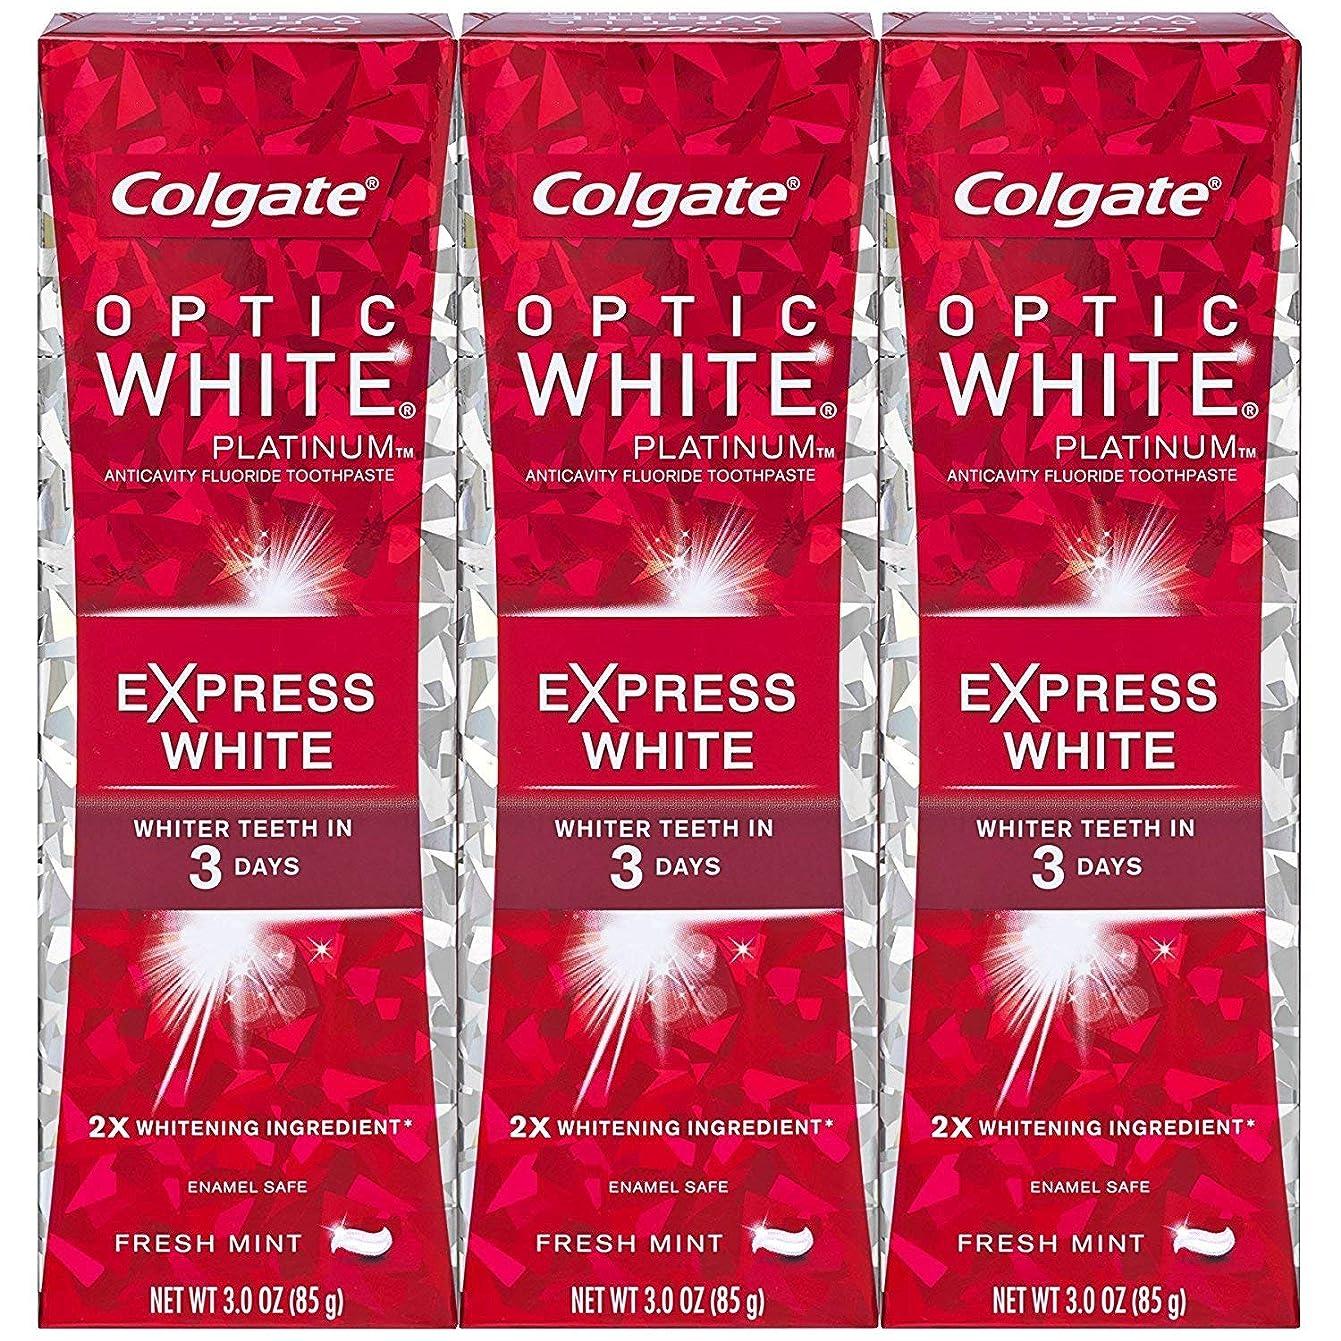 あいにく雰囲気冒険家Colgate オプティックホワイトプラチナエクスプレス白の歯磨き粉、フレッシュミント3オズ(3パック)